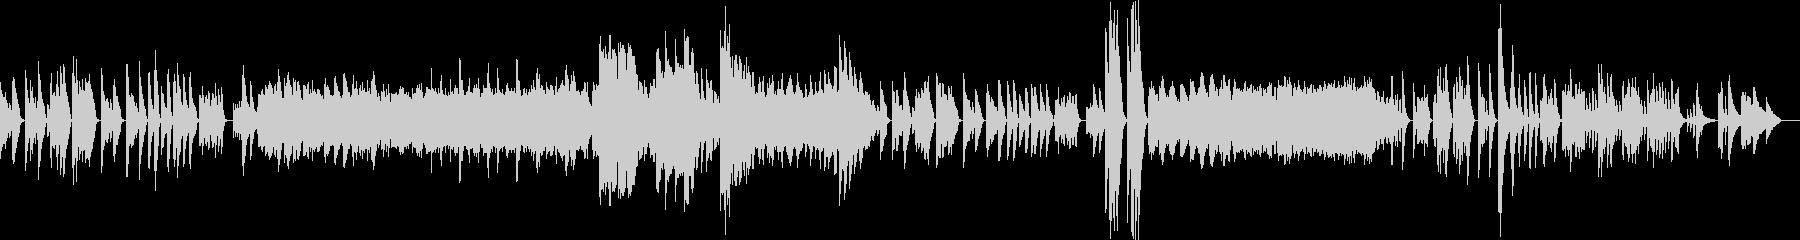 ベートーヴェンピアノソナタ第三番第二章の未再生の波形